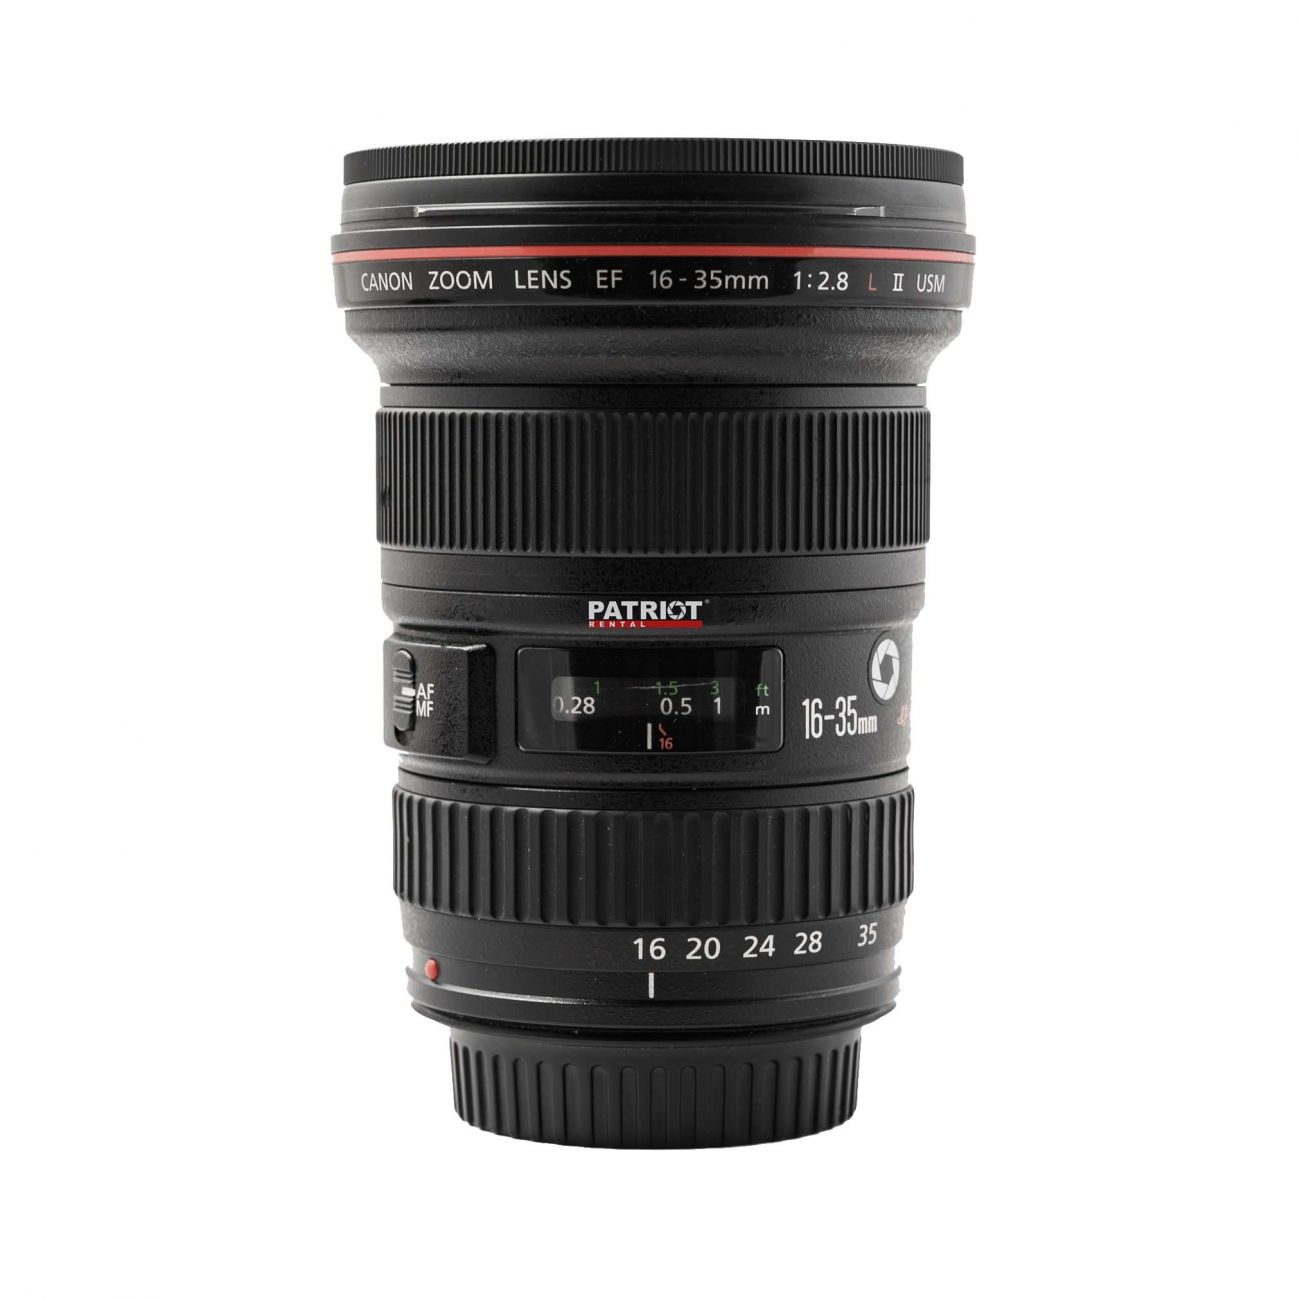 16-35mm Canon zoom lens f/2.8 L USM (USM II)